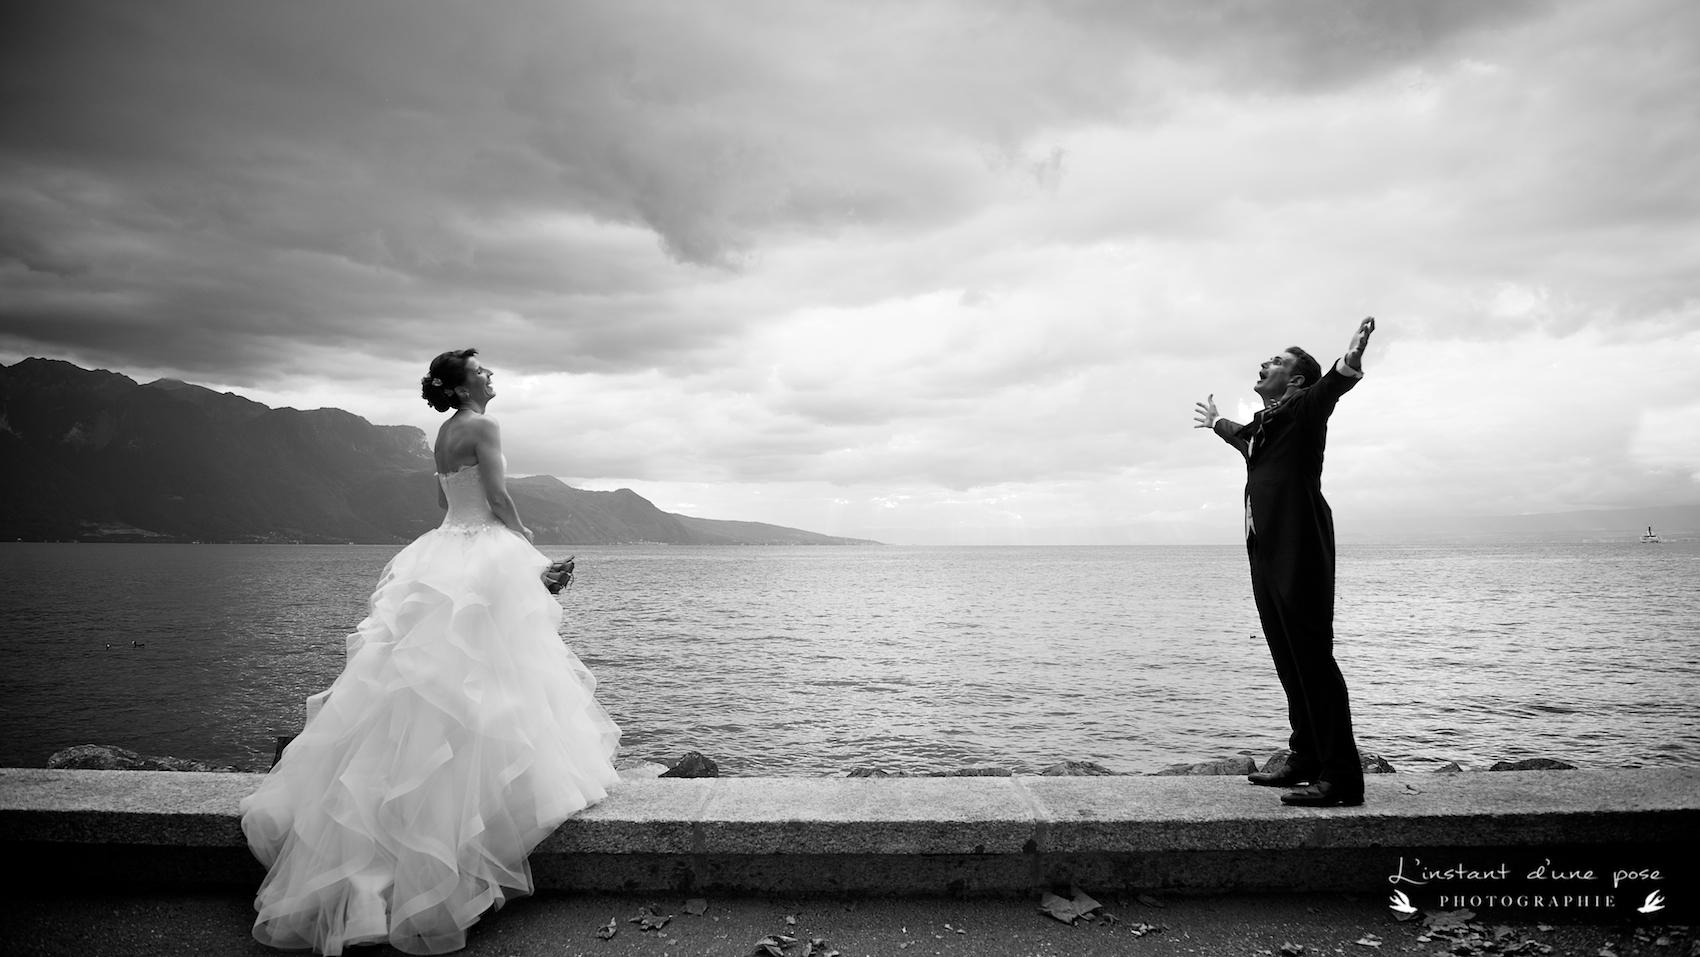 A&N_les mariés 150